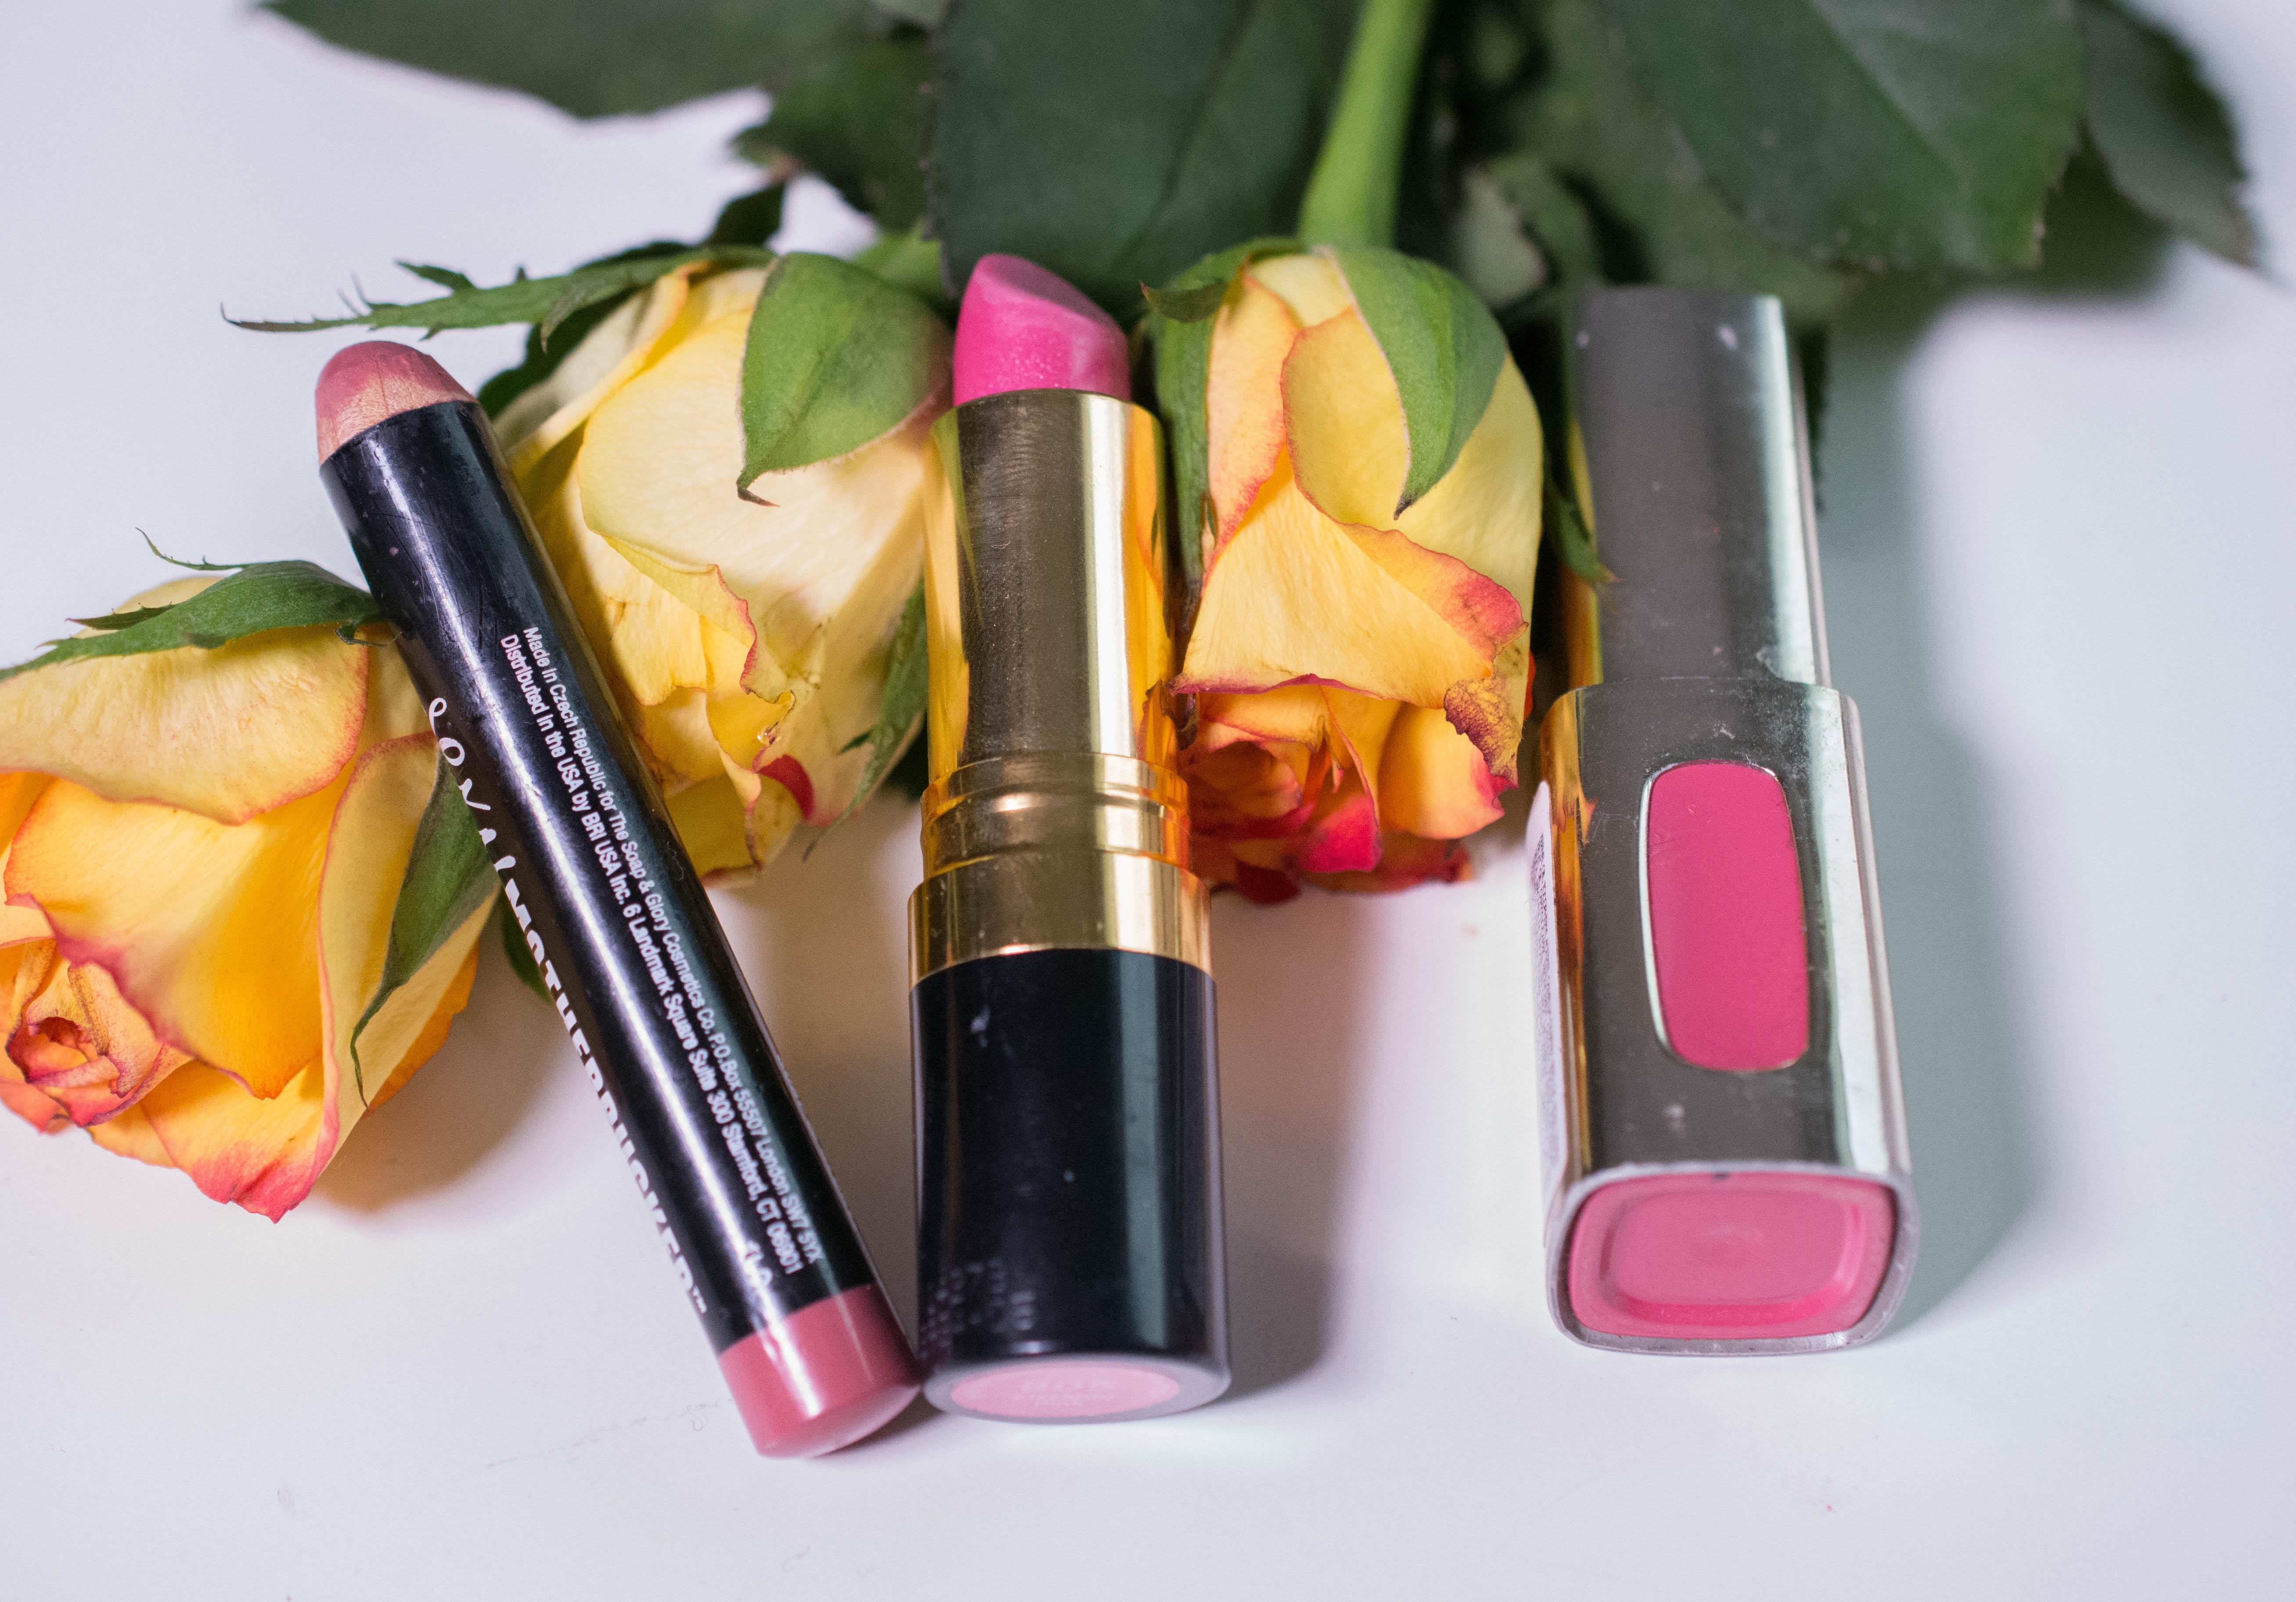 Seasons Makeup Challenge - The Lipsticks